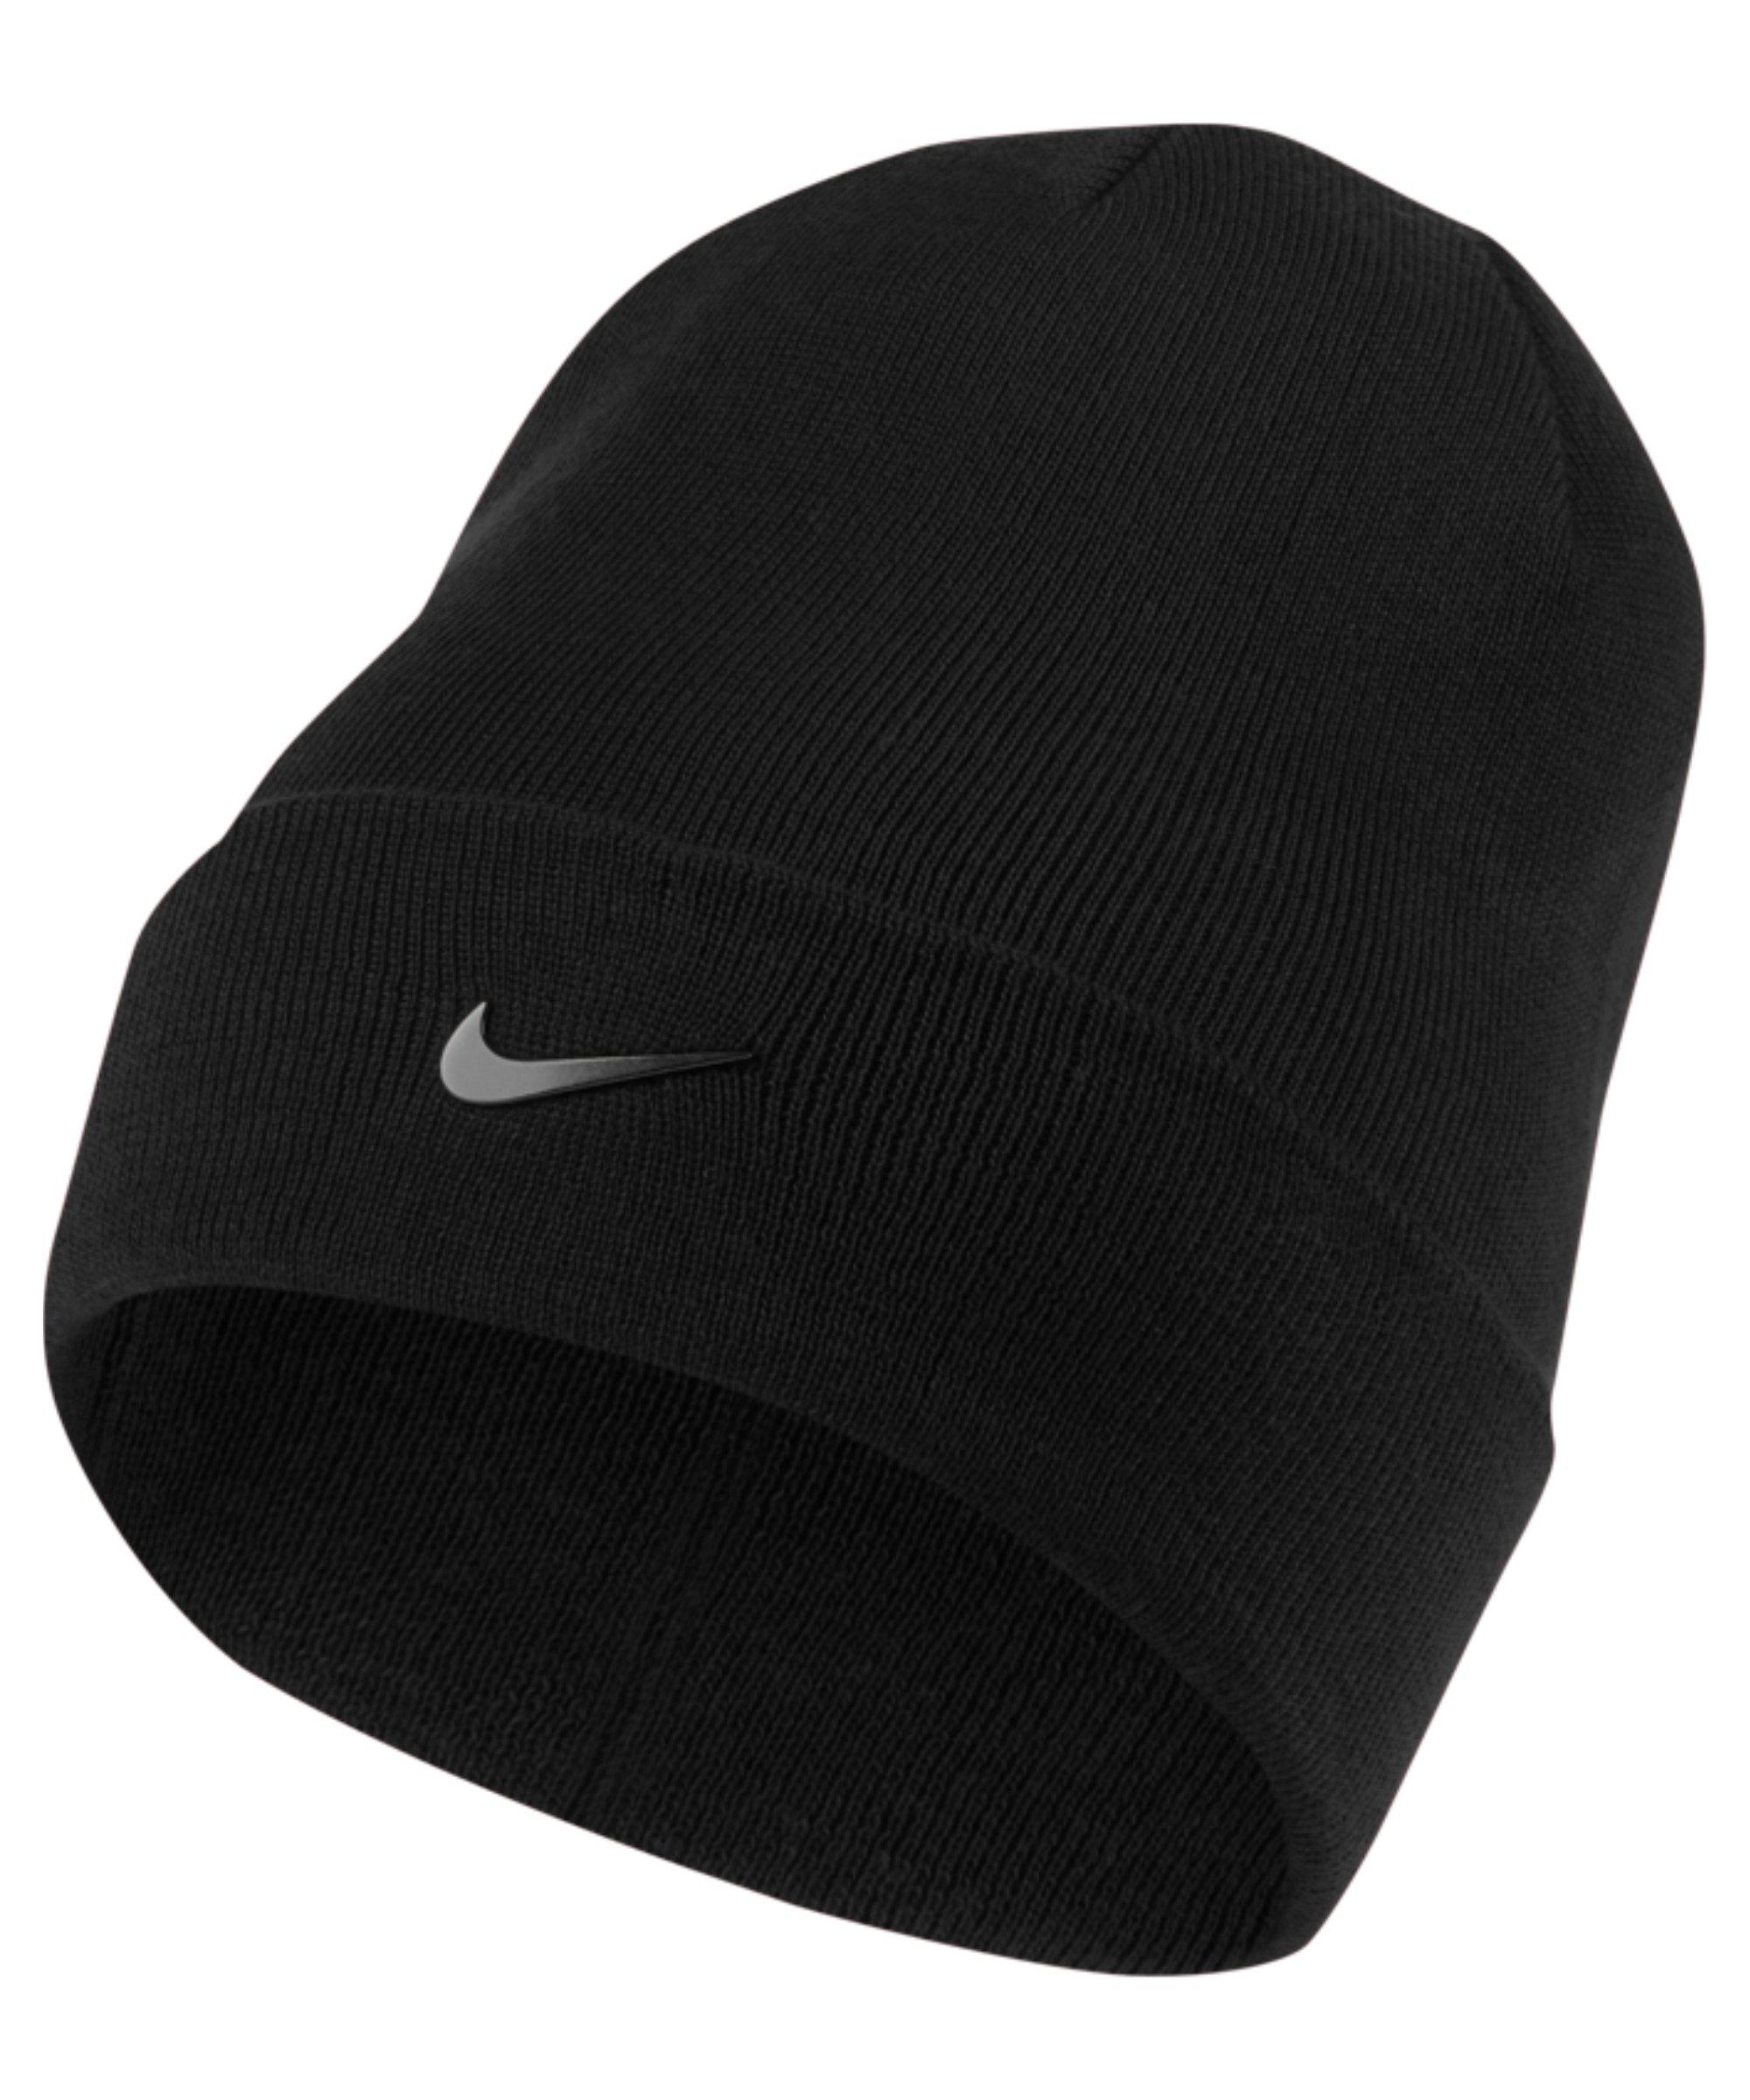 Nike Swoosh Beanie Schwarz F010 - schwarz